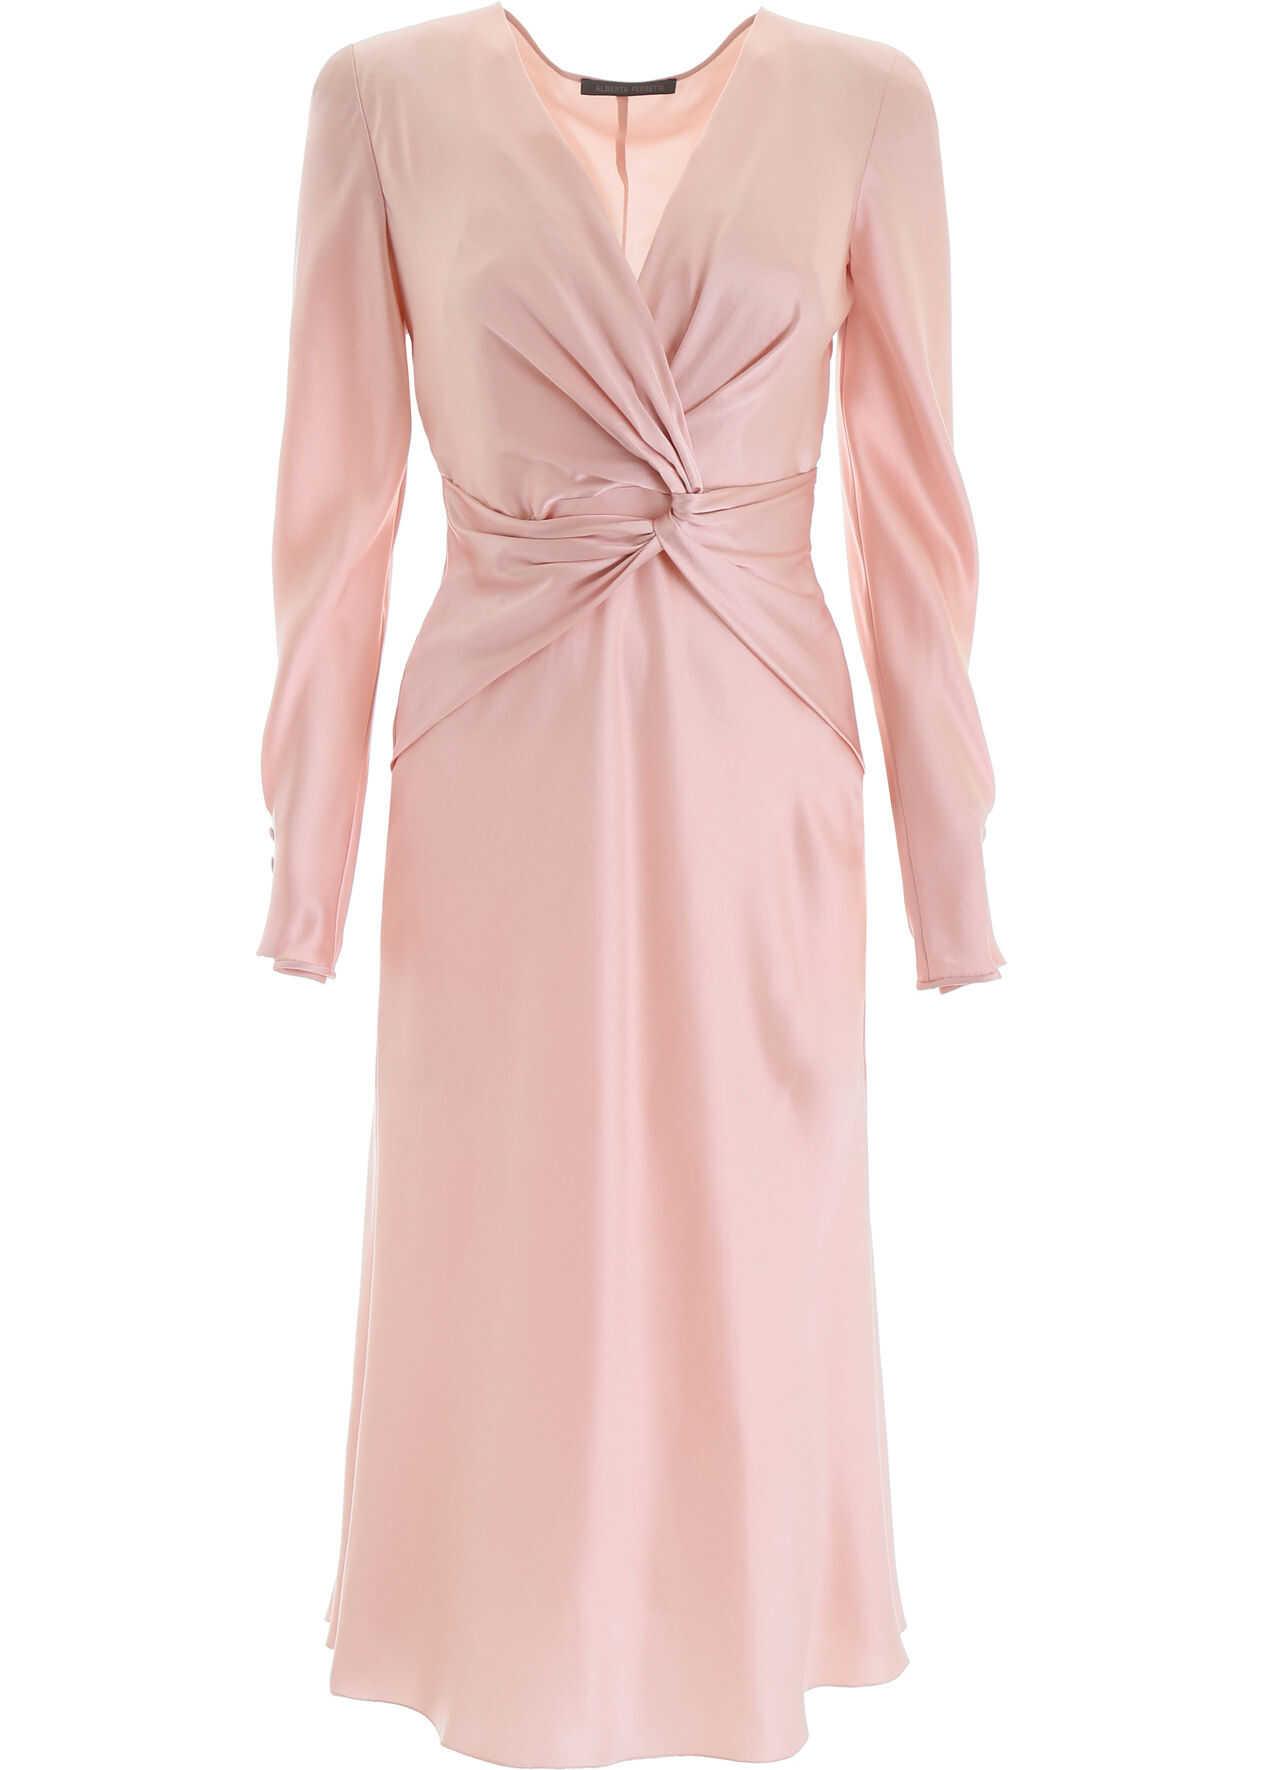 Alberta Ferretti Draped Dress PINK